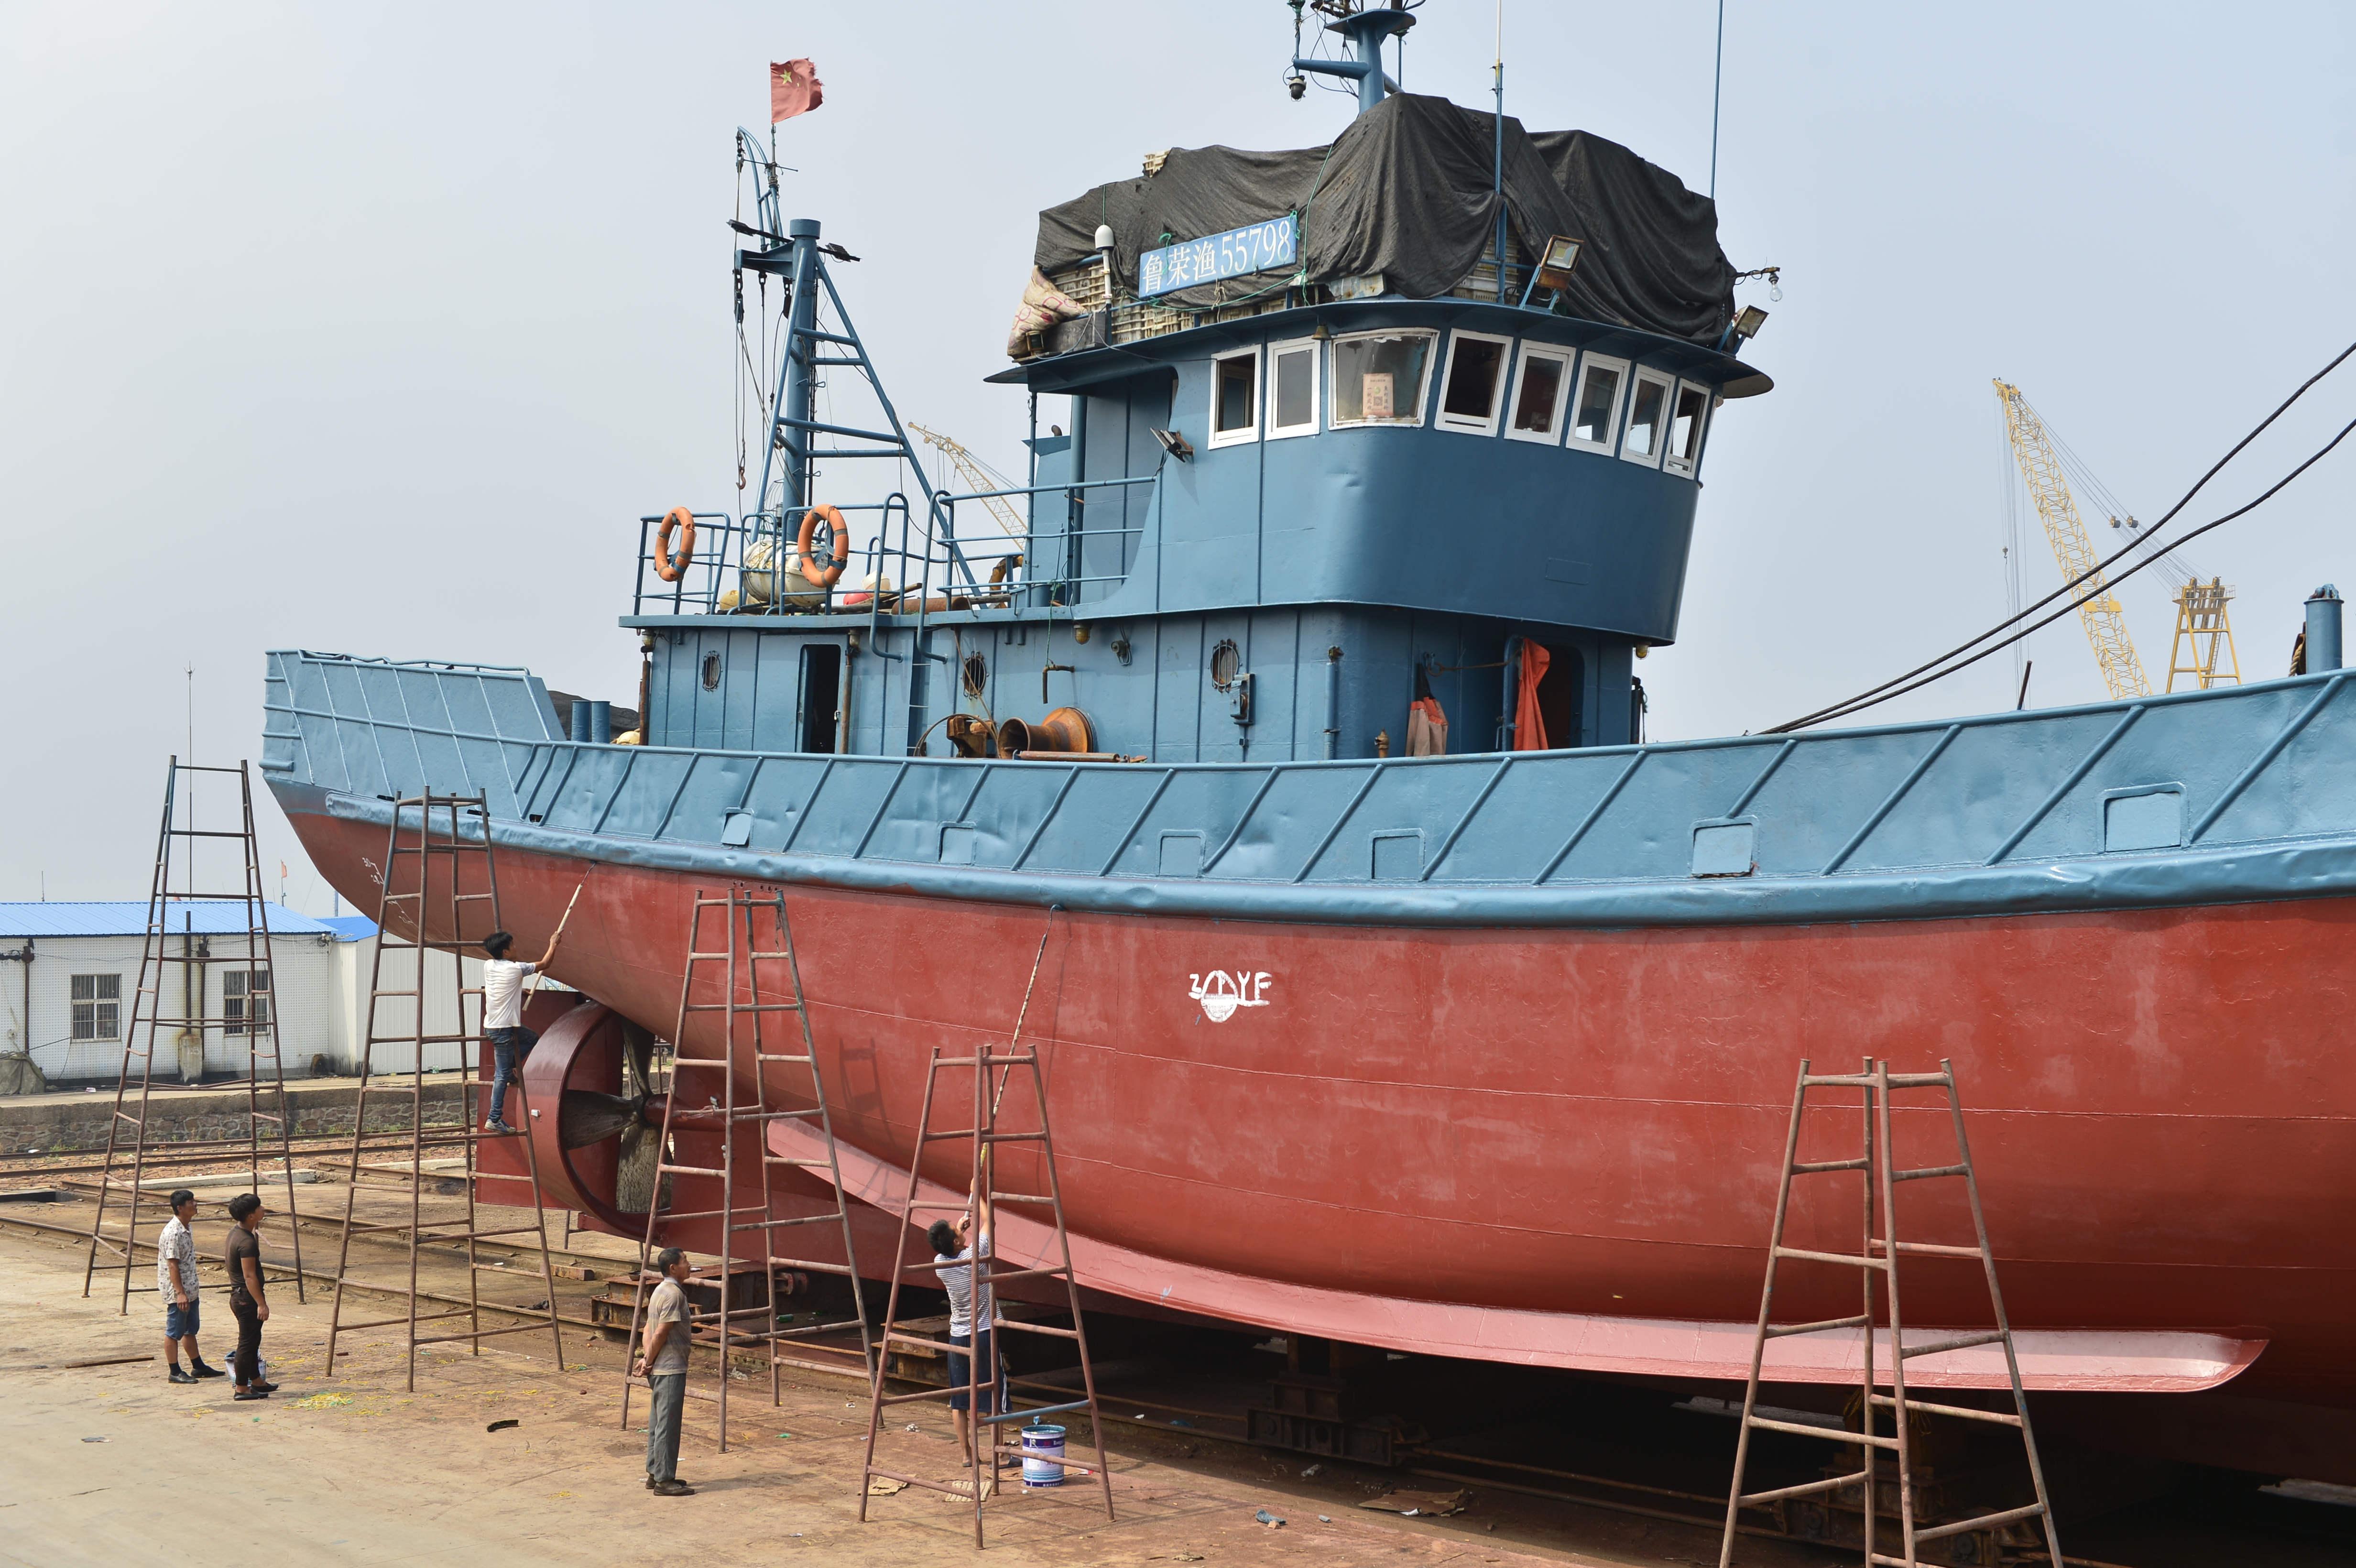 休渔期间,带你看看山东荣成石岛管理区的修船厂!